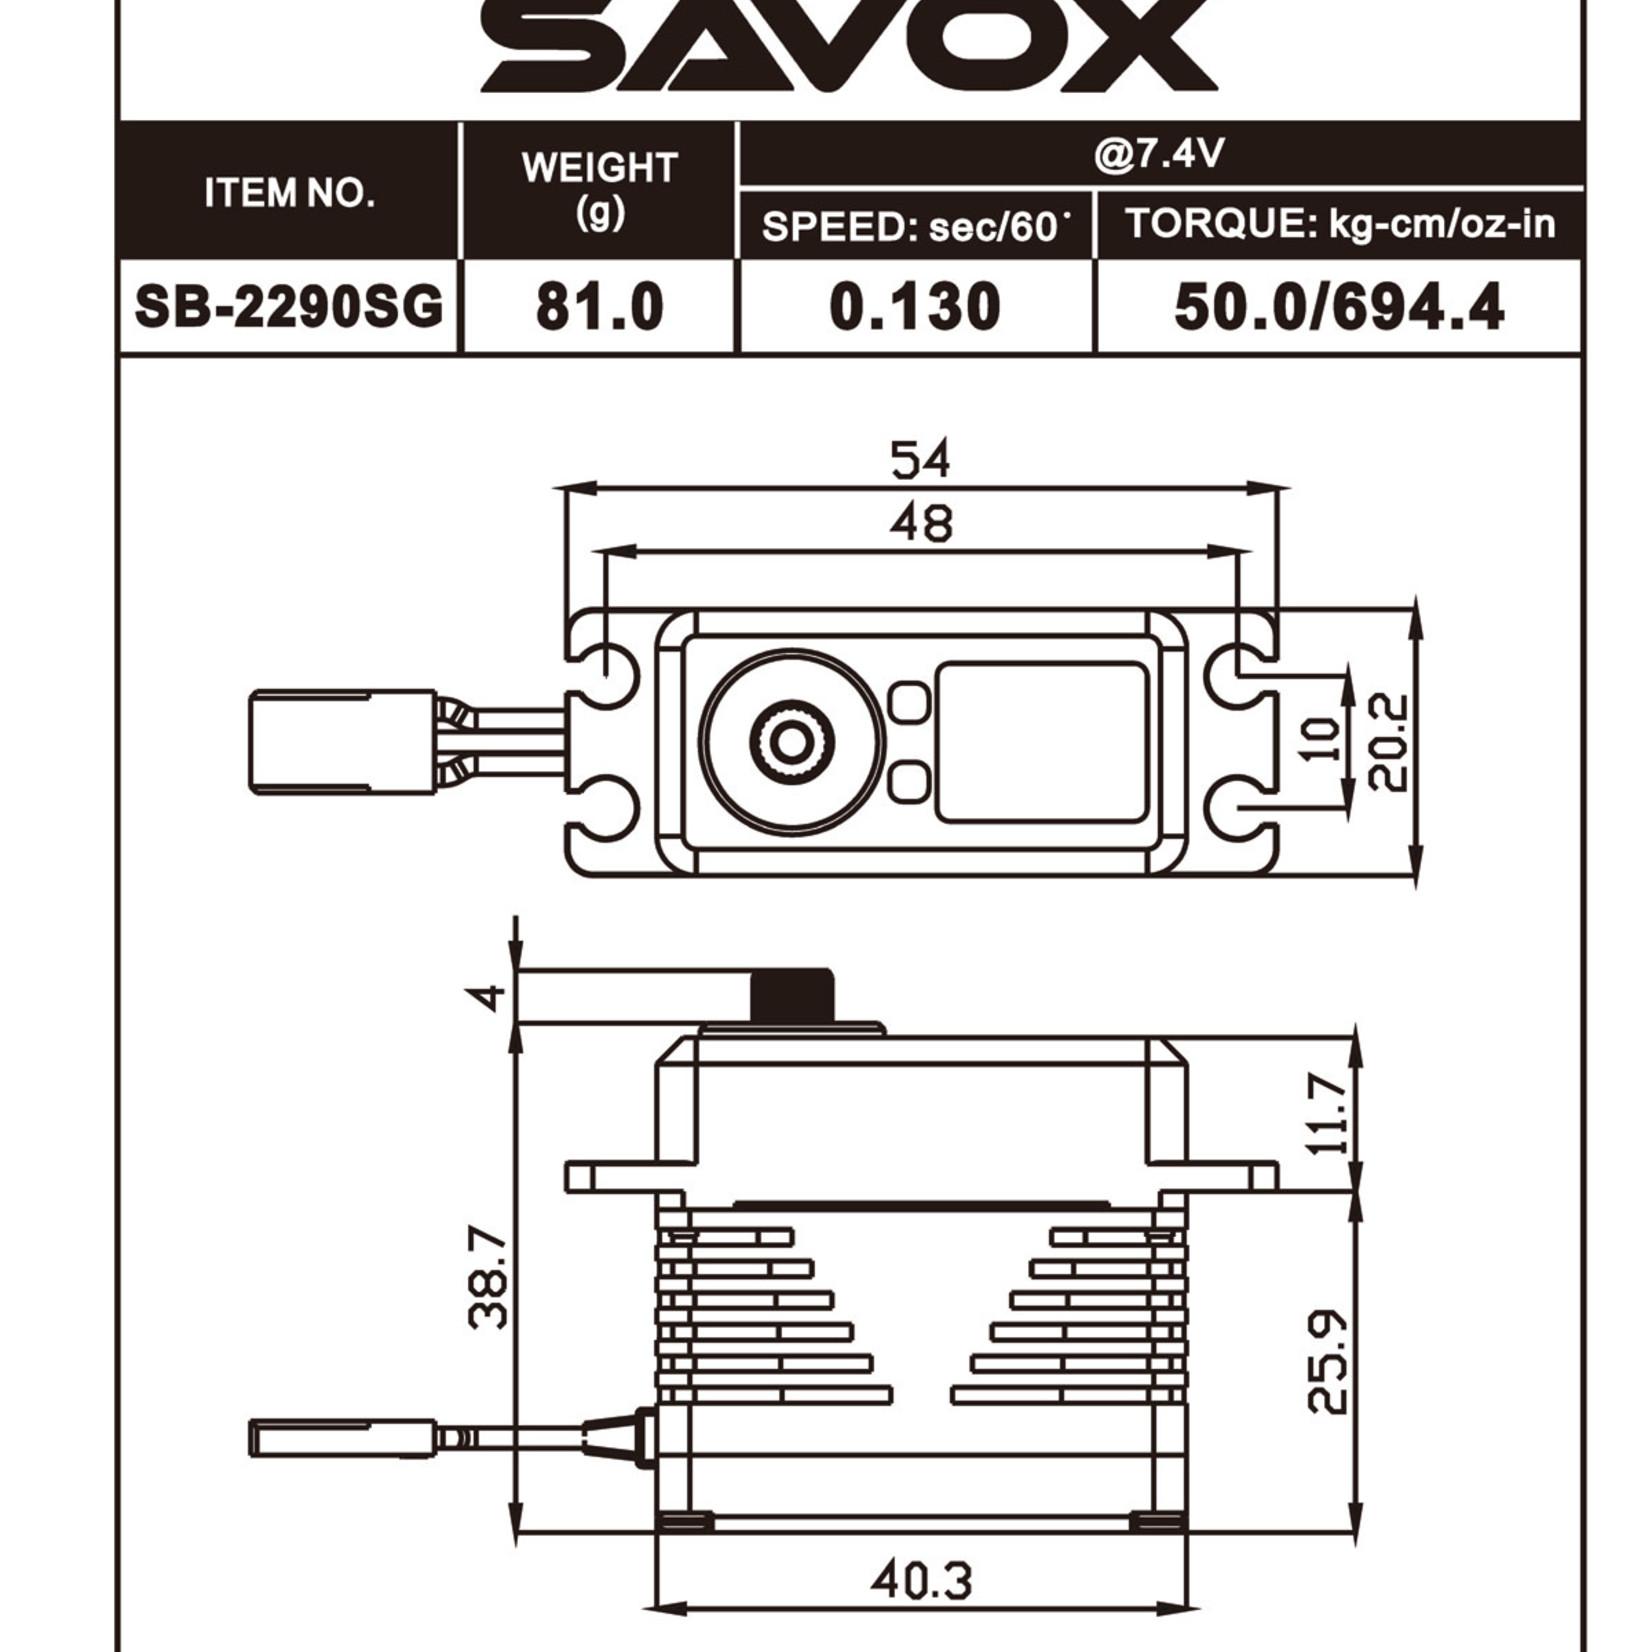 Savox SAVSB2290SG Savox Premium, High Voltage, Brushless, Digital Servo 0.11sec / 972.1oz @ 8.4v - Black Edition